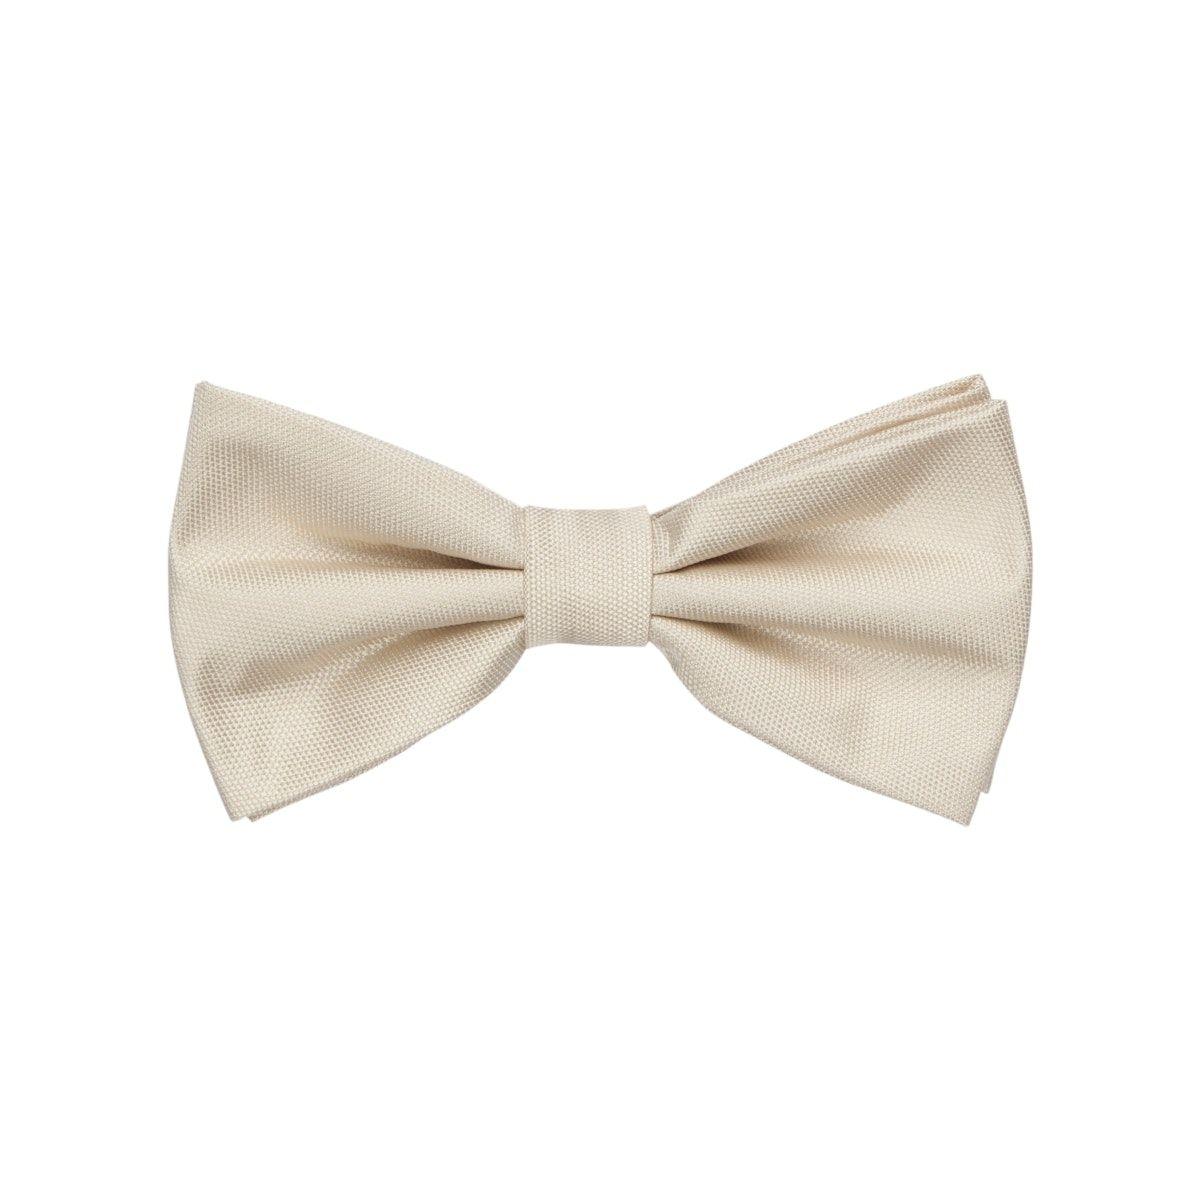 Das Must-Have der Herren-Accessoires zu festlichen Outfits. Für besondere Ansprüche bringt die Schleife aus der Schwarze-Rose-Kollektion eine hochwertige Ausstattung mit. Qualität und Flexibilität gewährleisten einen optimalen Tragekomfort. Die schlichte Dessinierung machen den Schleifen-Look besonders elegant und maskulin.